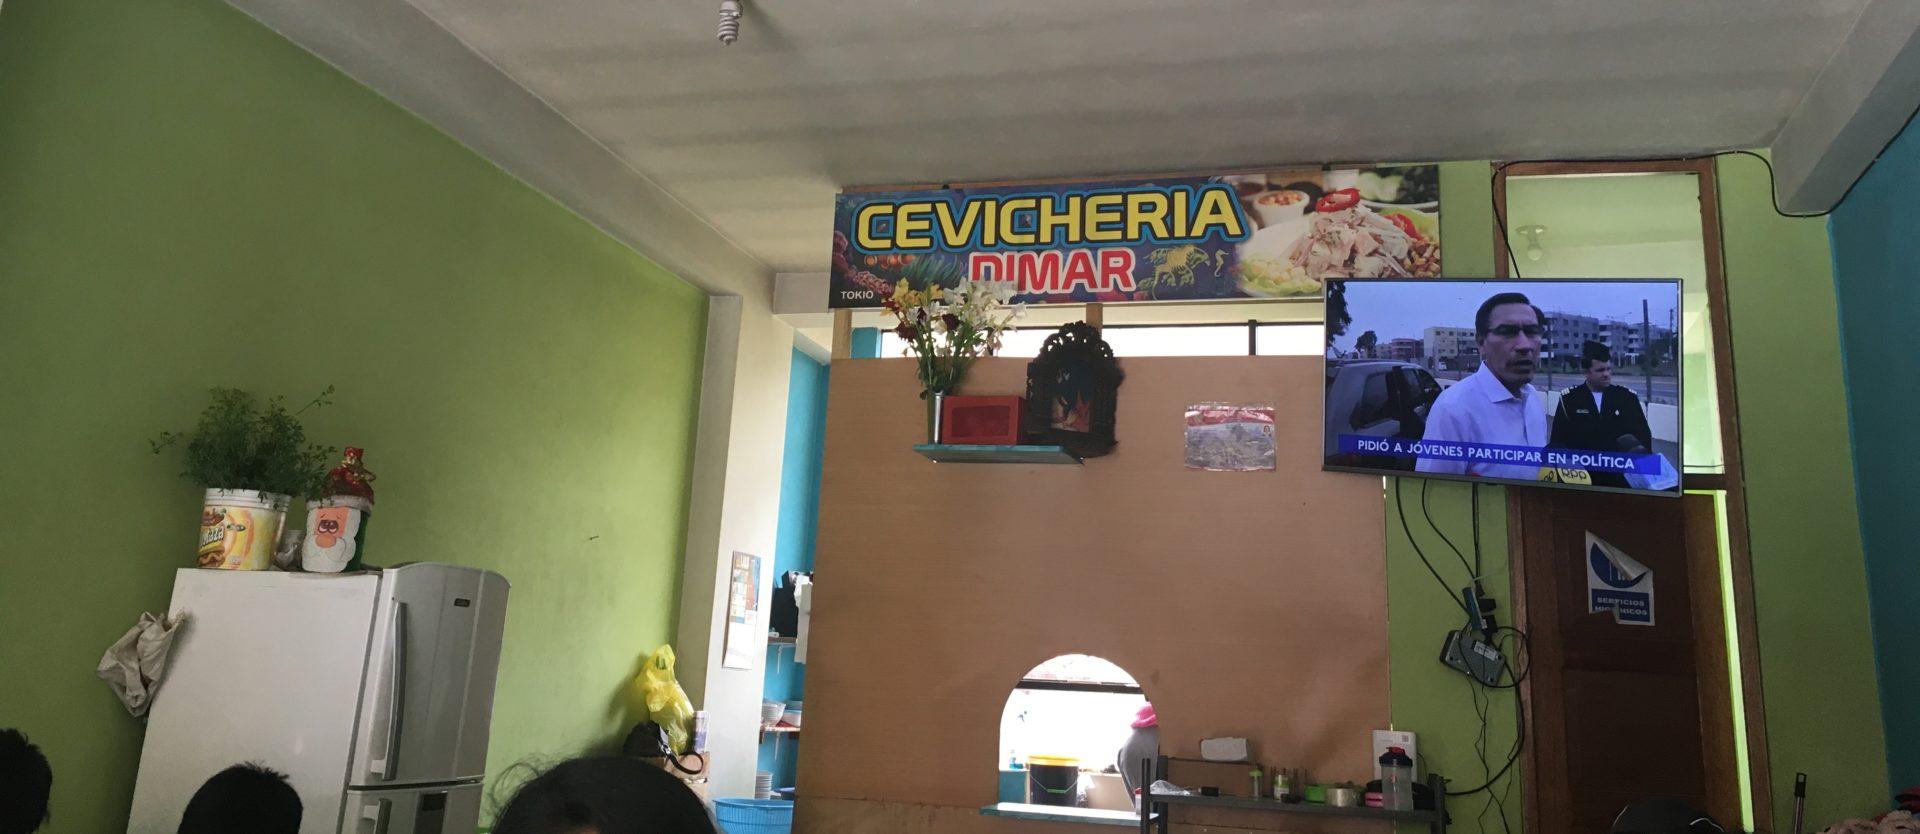 ペルー, クスコ, 安い, セビーチェ, レストラン